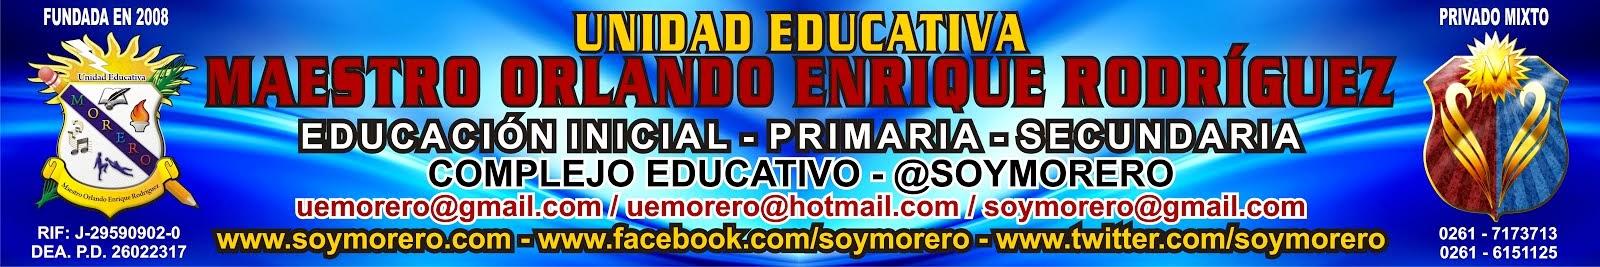 UNIDAD EDUCATIVA MAESTRO ORLANDO ENRIQUE RODRIGUEZ (MORERO) - COMPLEJO EDUCATIVO. @SOYMORERO